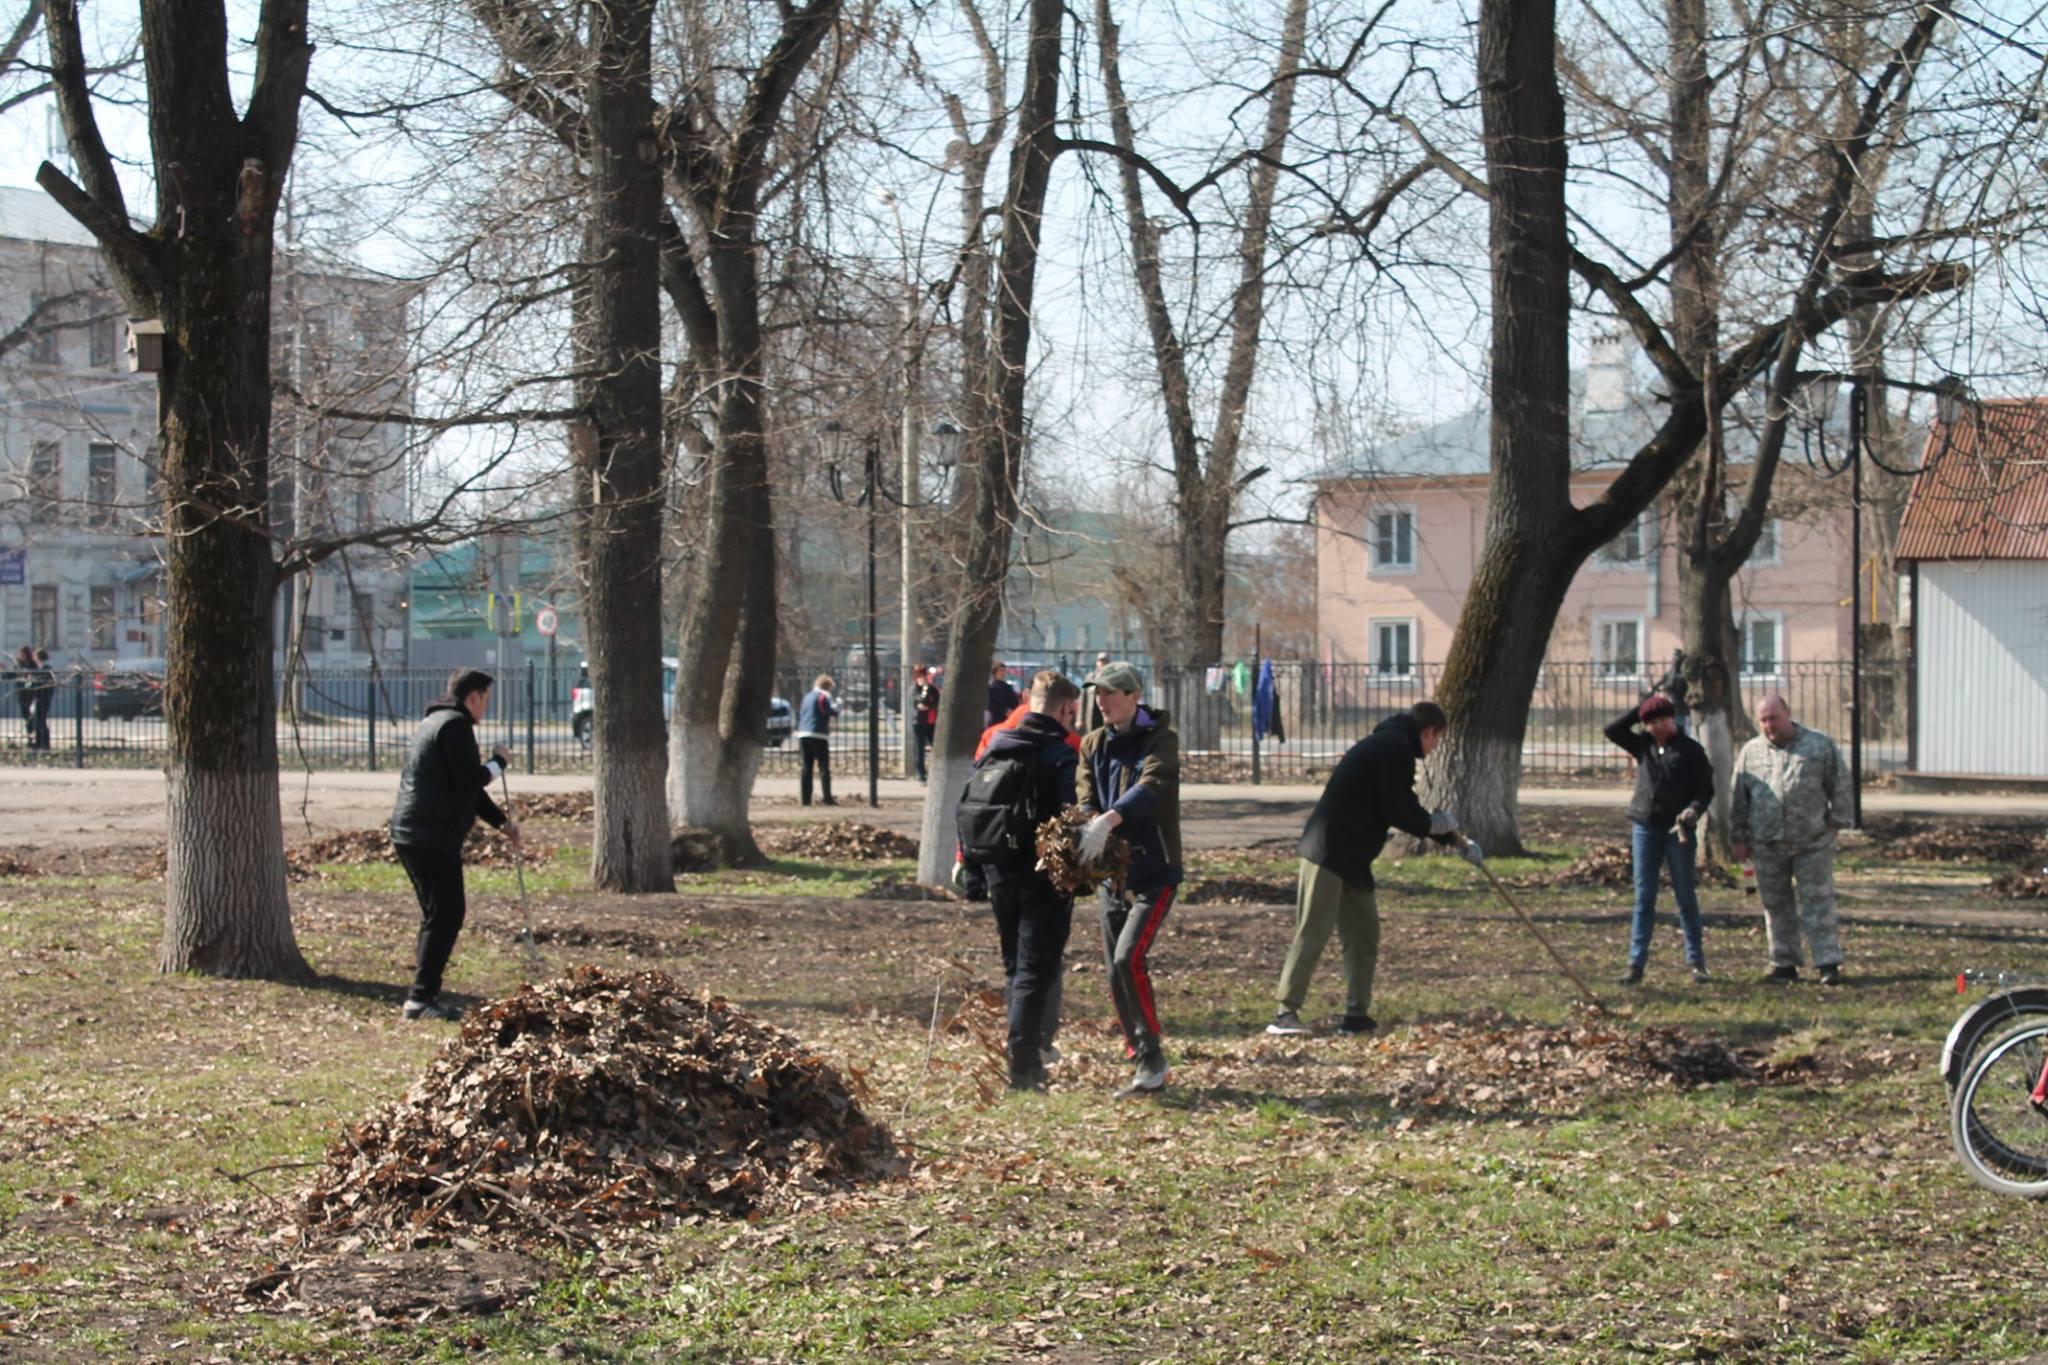 Реконструкция городского сада в моршанске фото